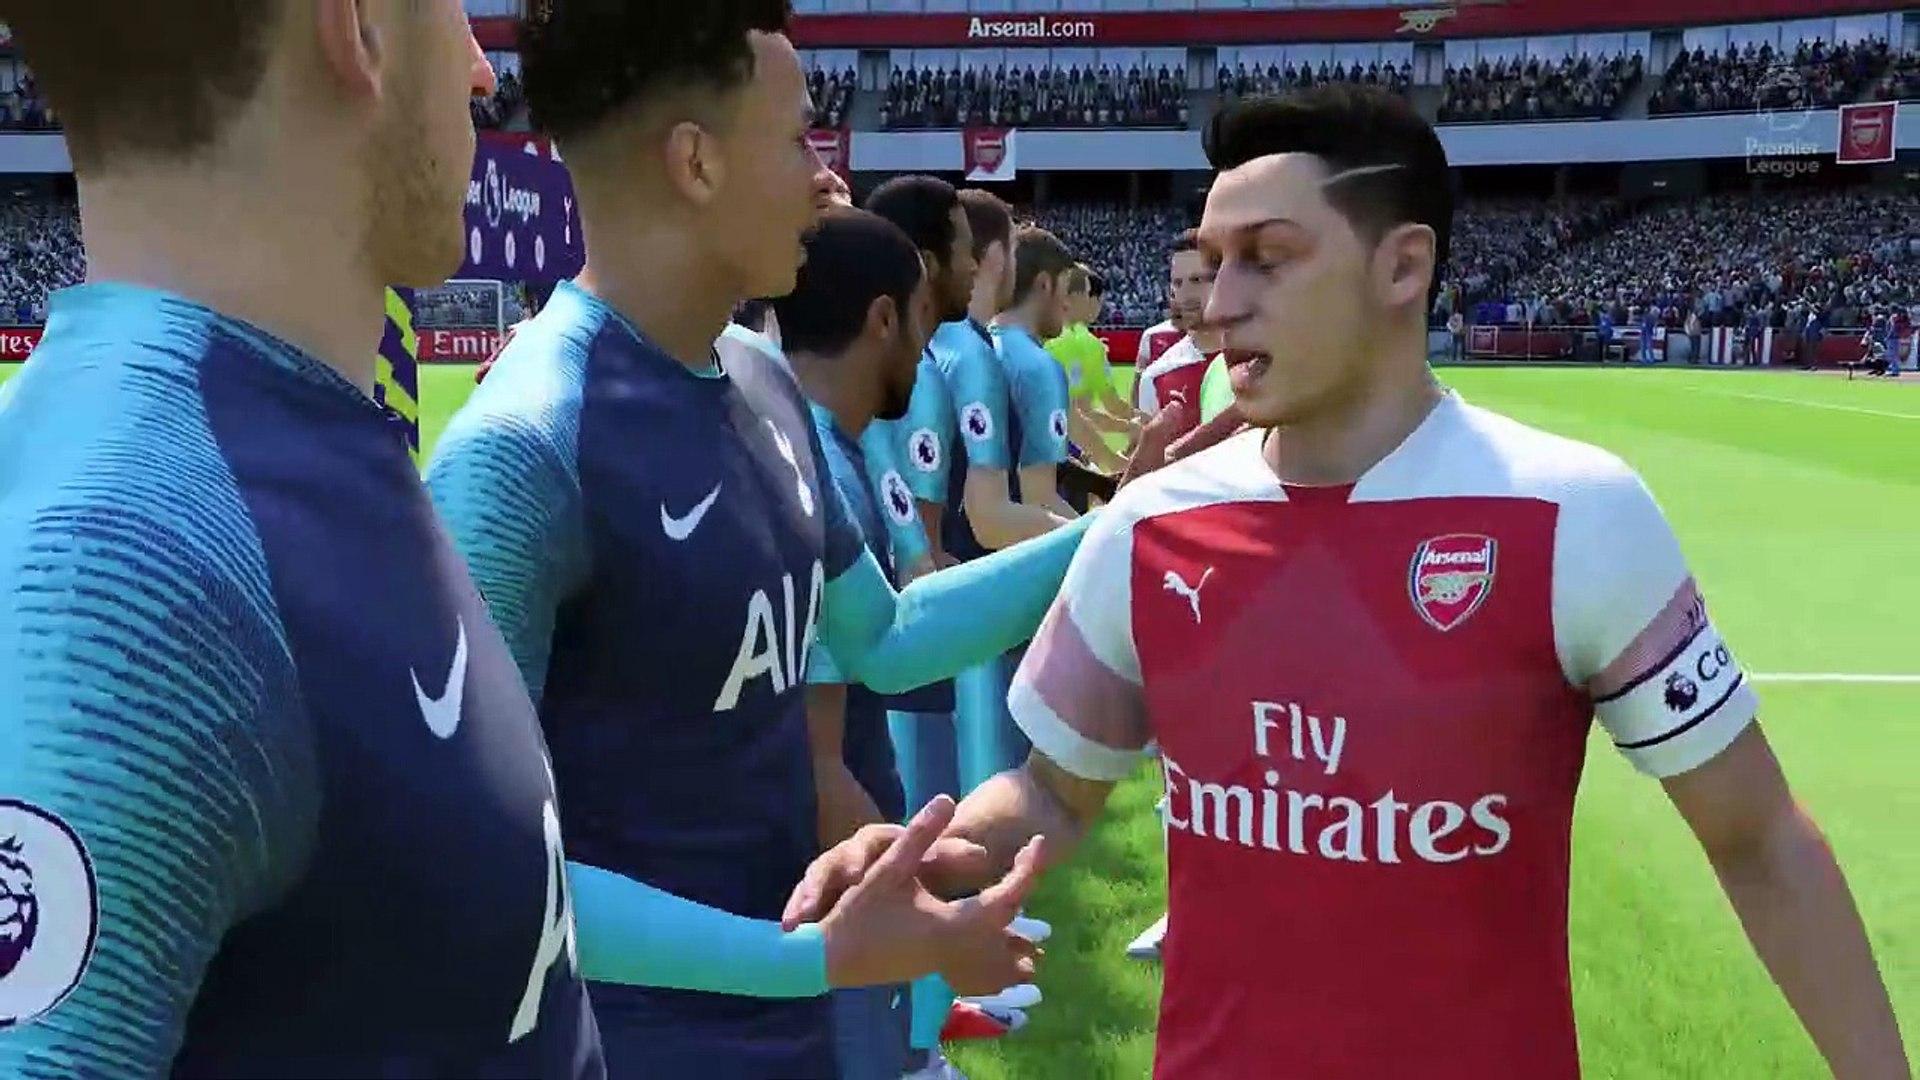 Link Xem Trực Tiếp Arsenal vs Tottenham – Bóng Đá Anh Vòng 4